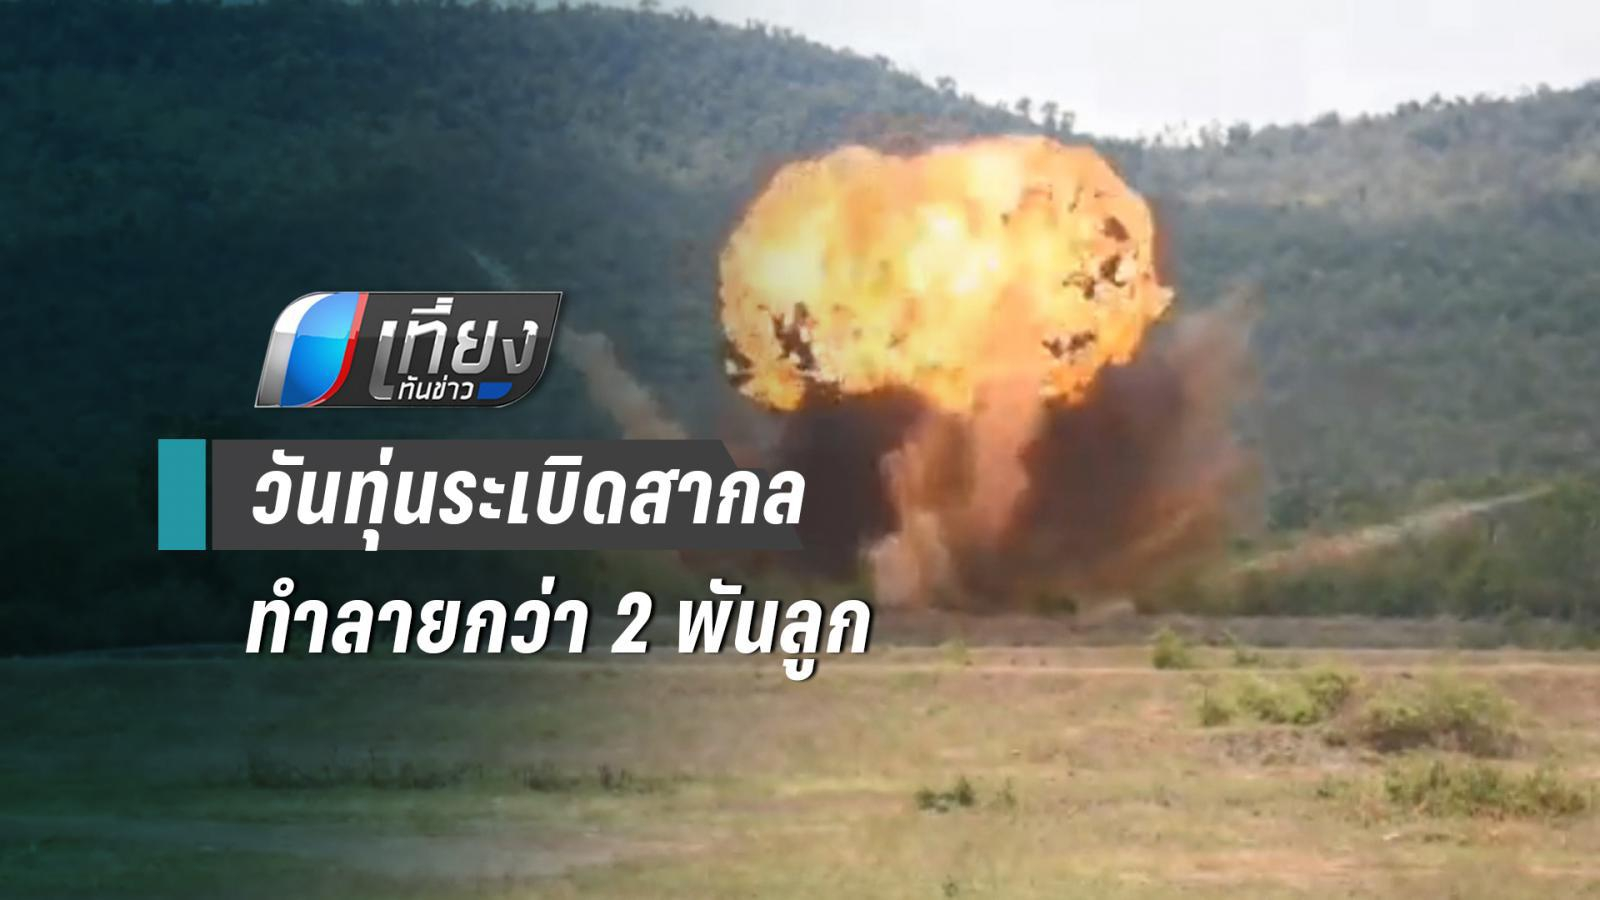 ทำลายทุ่นระเบิดกว่า 2,600 ลูก วันทุ่นระเบิดสากล